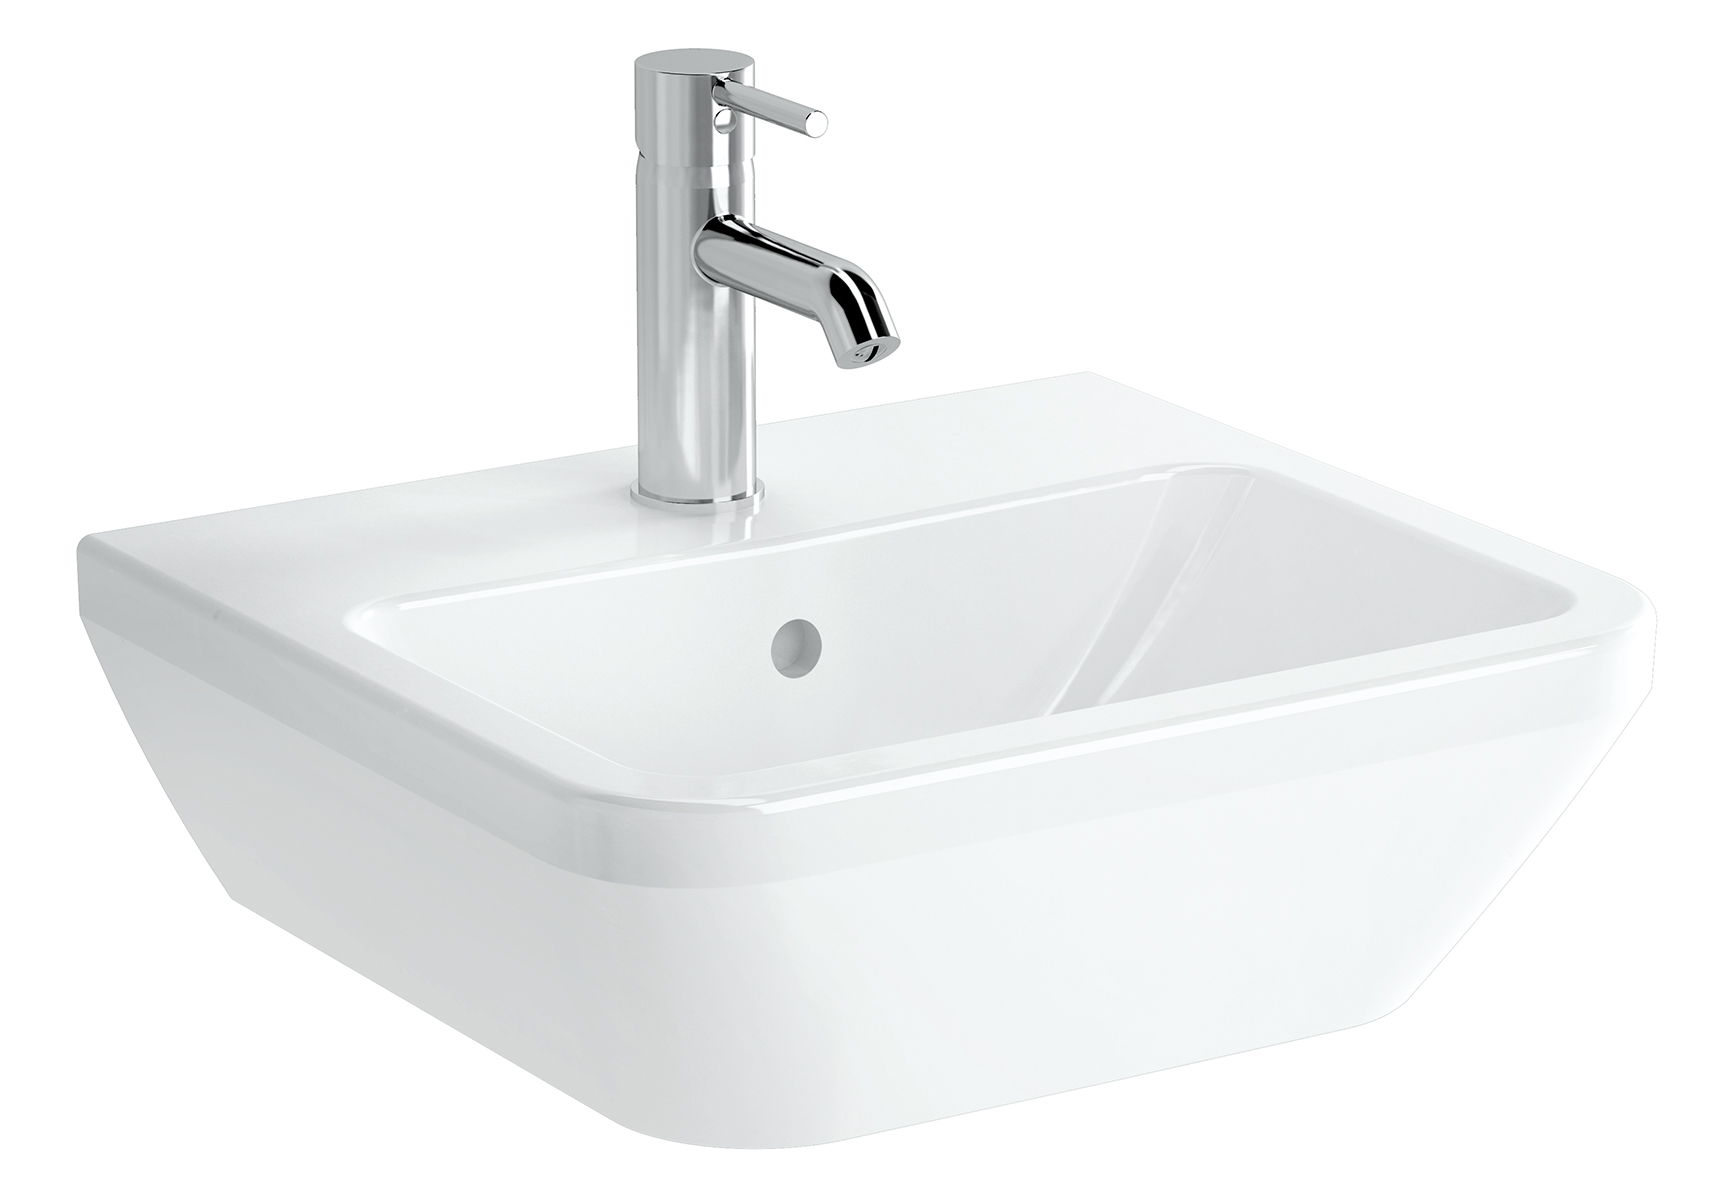 Integra lavabo carré, 45 cm, sans trou de robinet, avec trop-plein